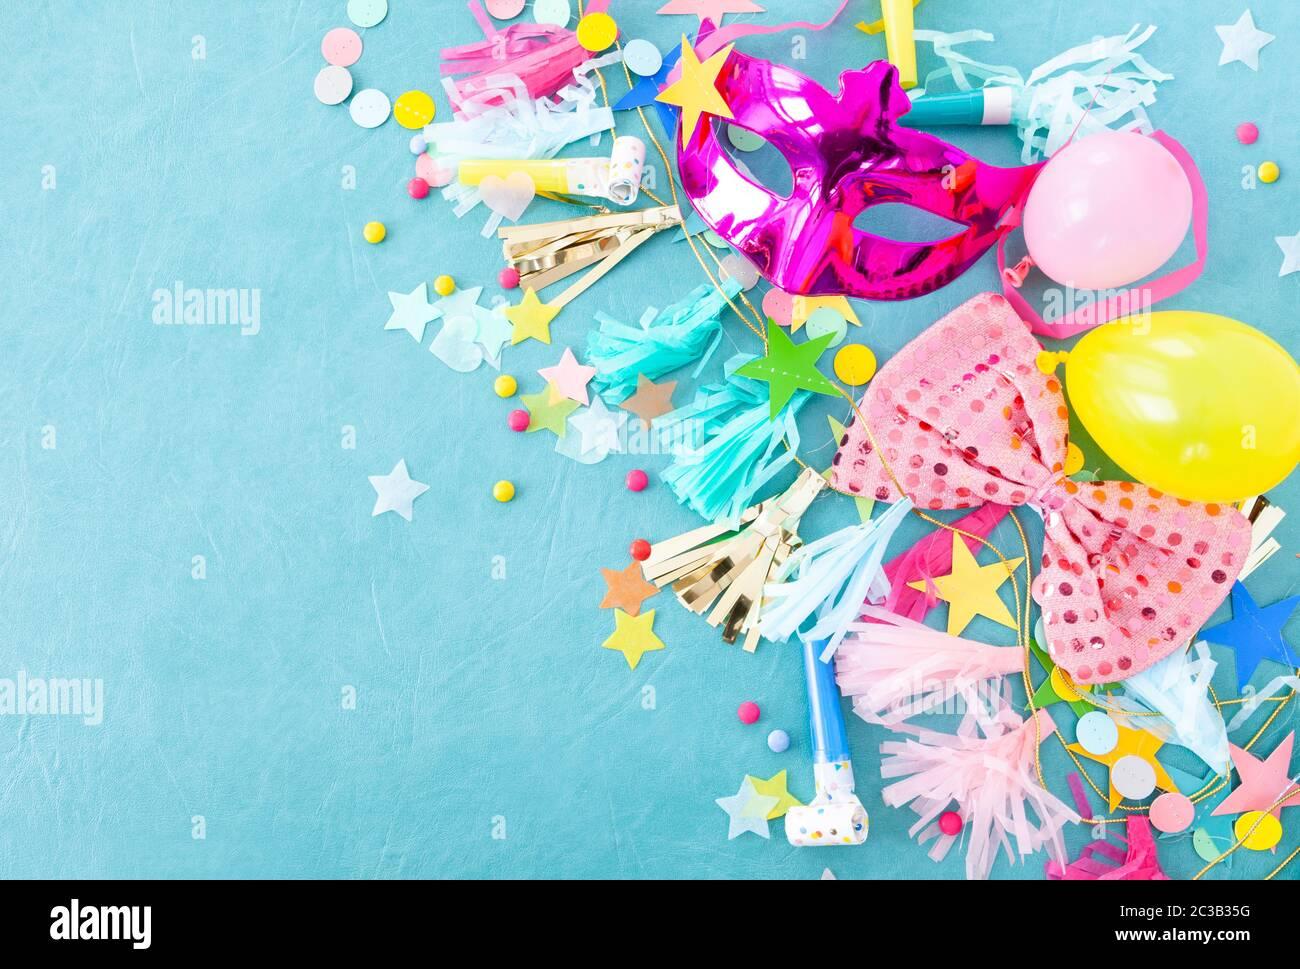 Sala de Estar Banner de Mardi Gras Decoraci/ón Colgante de Mardi Gras Bandera P/úrpura Verde Oro Cadena de Luz de Hadas Impermeable con 8 Modos de Parpadeo para Decoraci/ón de Dormitorio